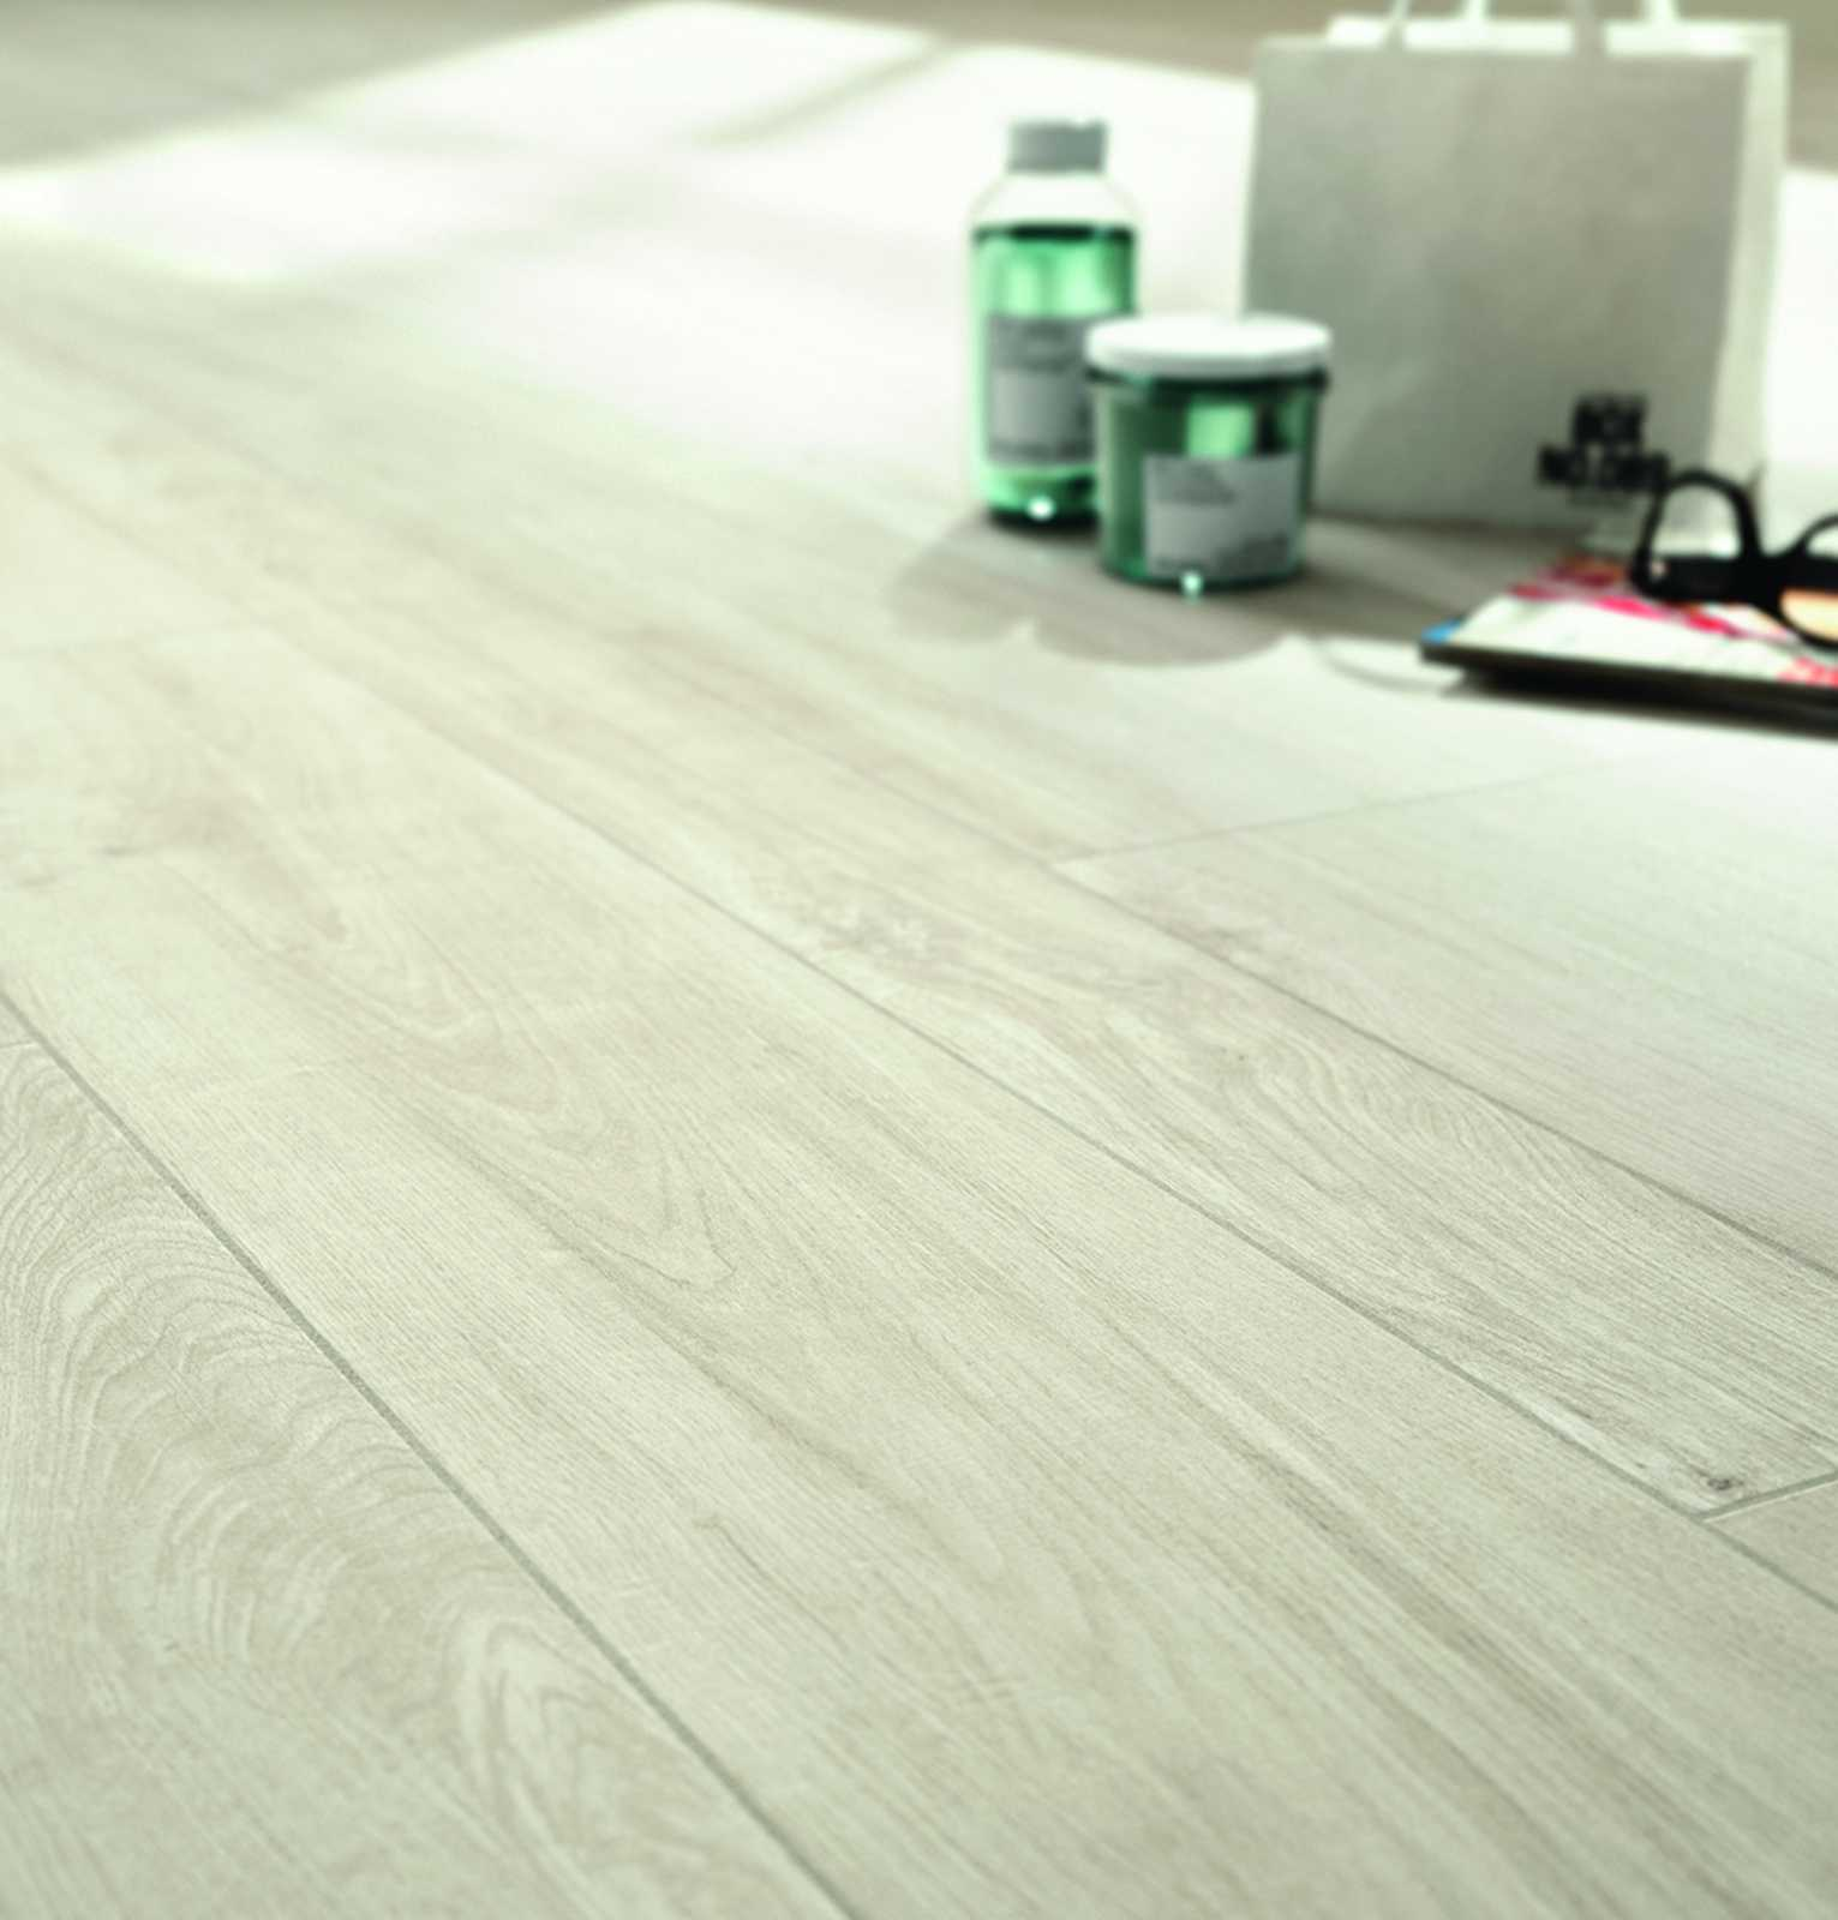 Collezione woodliving rivestimenti in gres effetto legno ragno - Piastrelle gres effetto legno ...